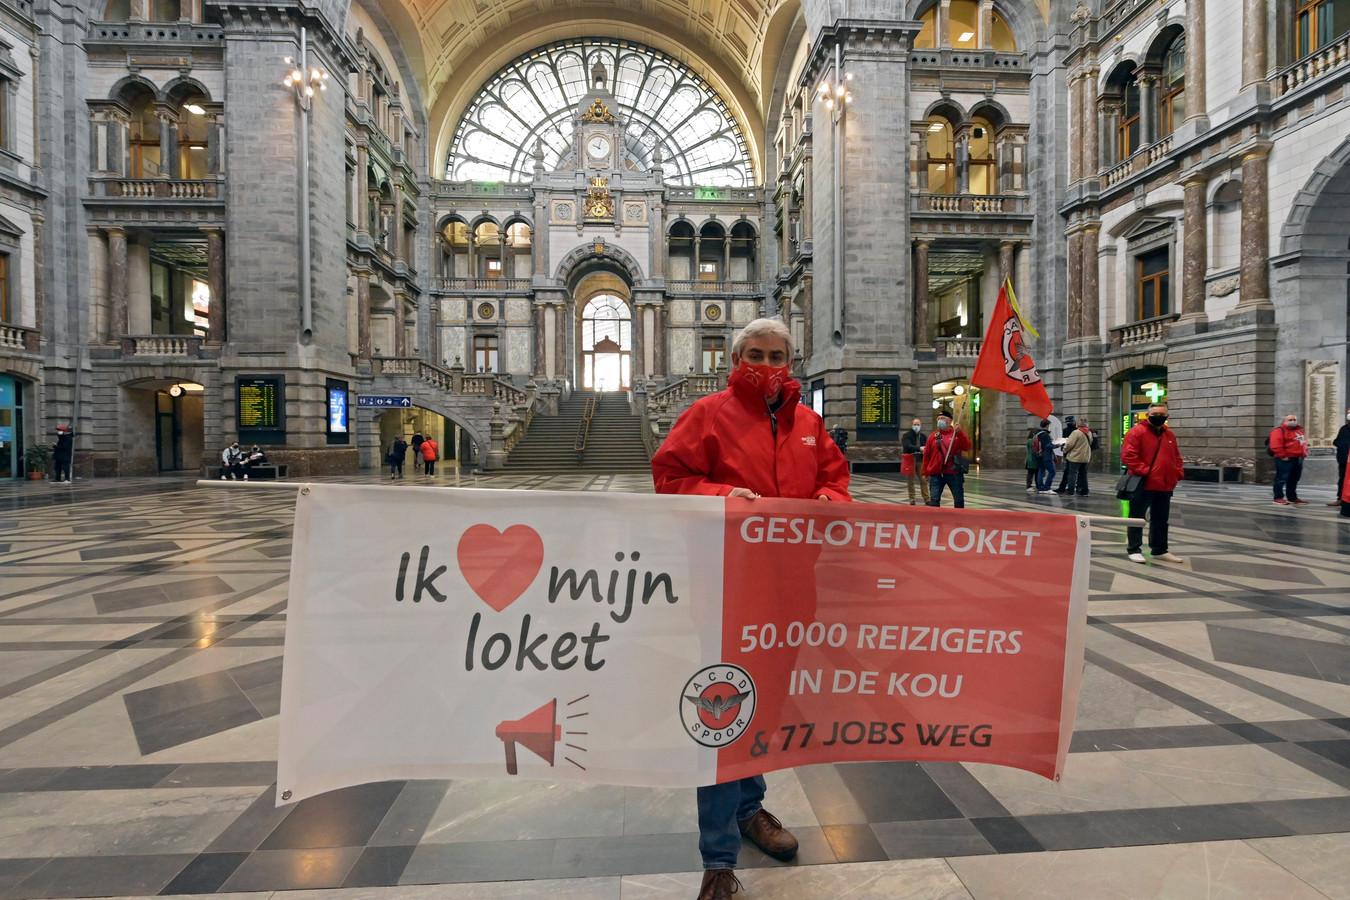 Socialistische vakbond ACOD roept loketbediende op het werk neer te leggen om te protesteren tegen de sluiting van 44 loketten.